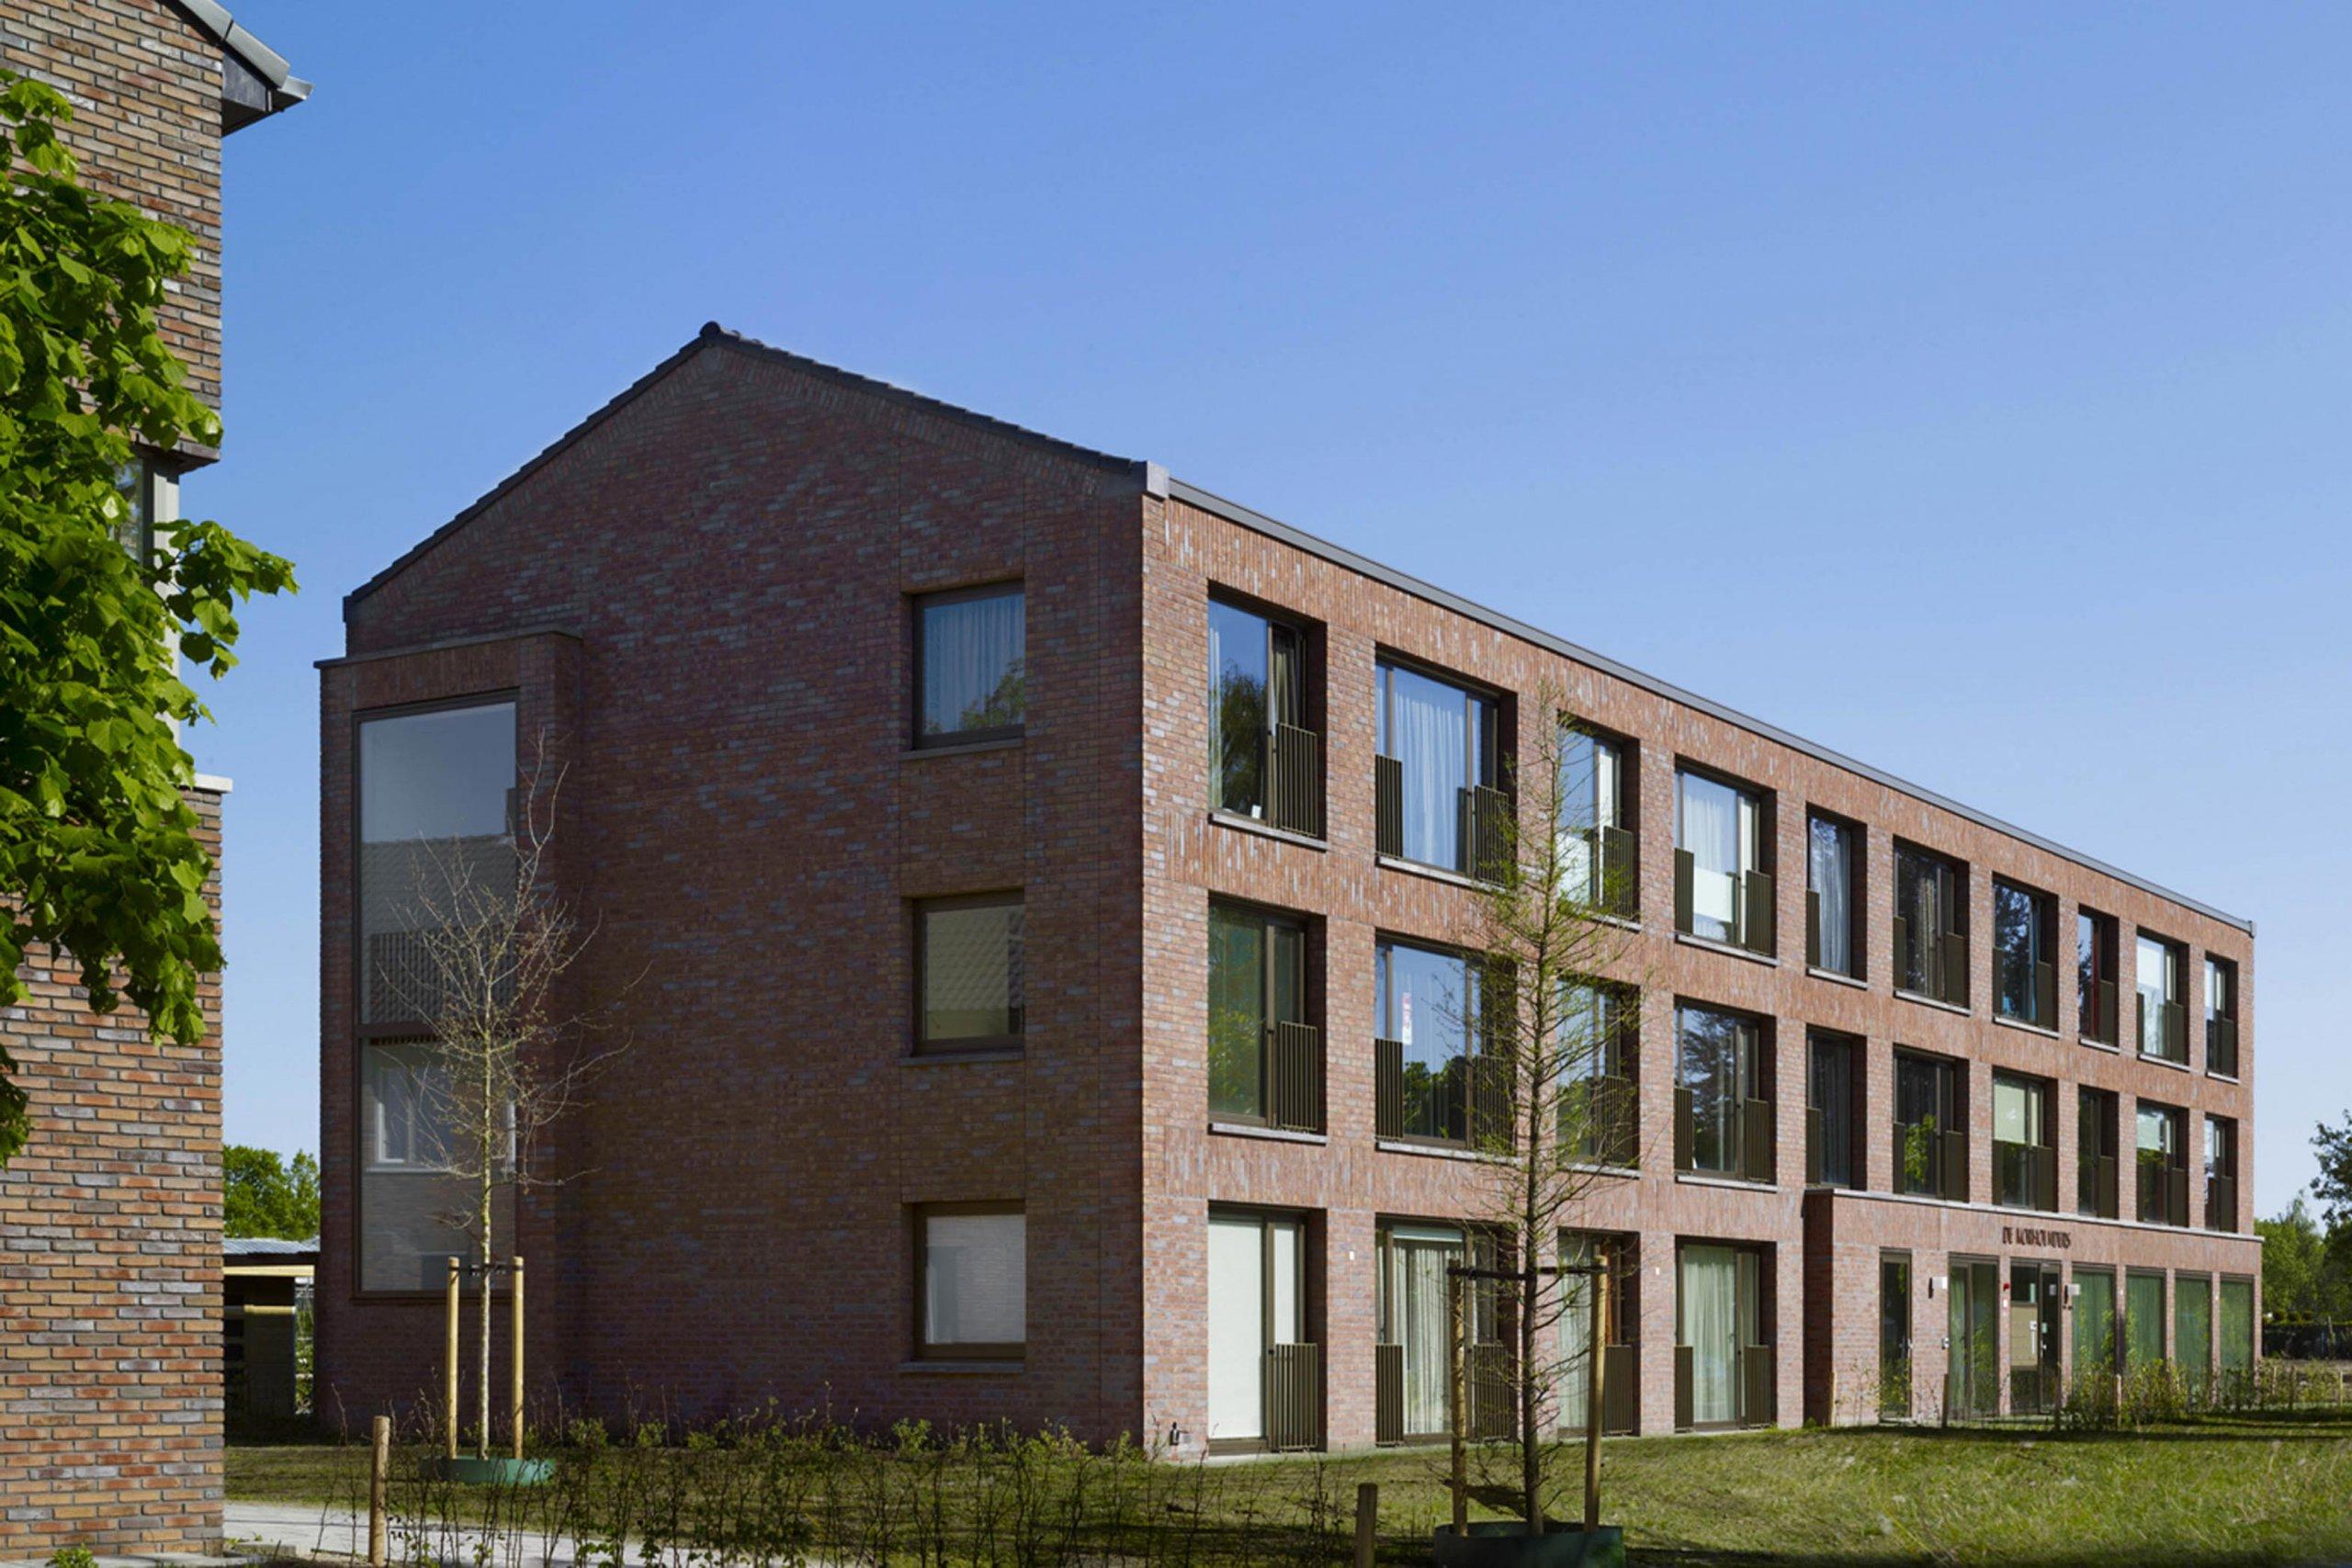 Exterieur van bouwblokken van woonzorggebouw Korhoenders te Hengelo, provincie Overrijsel